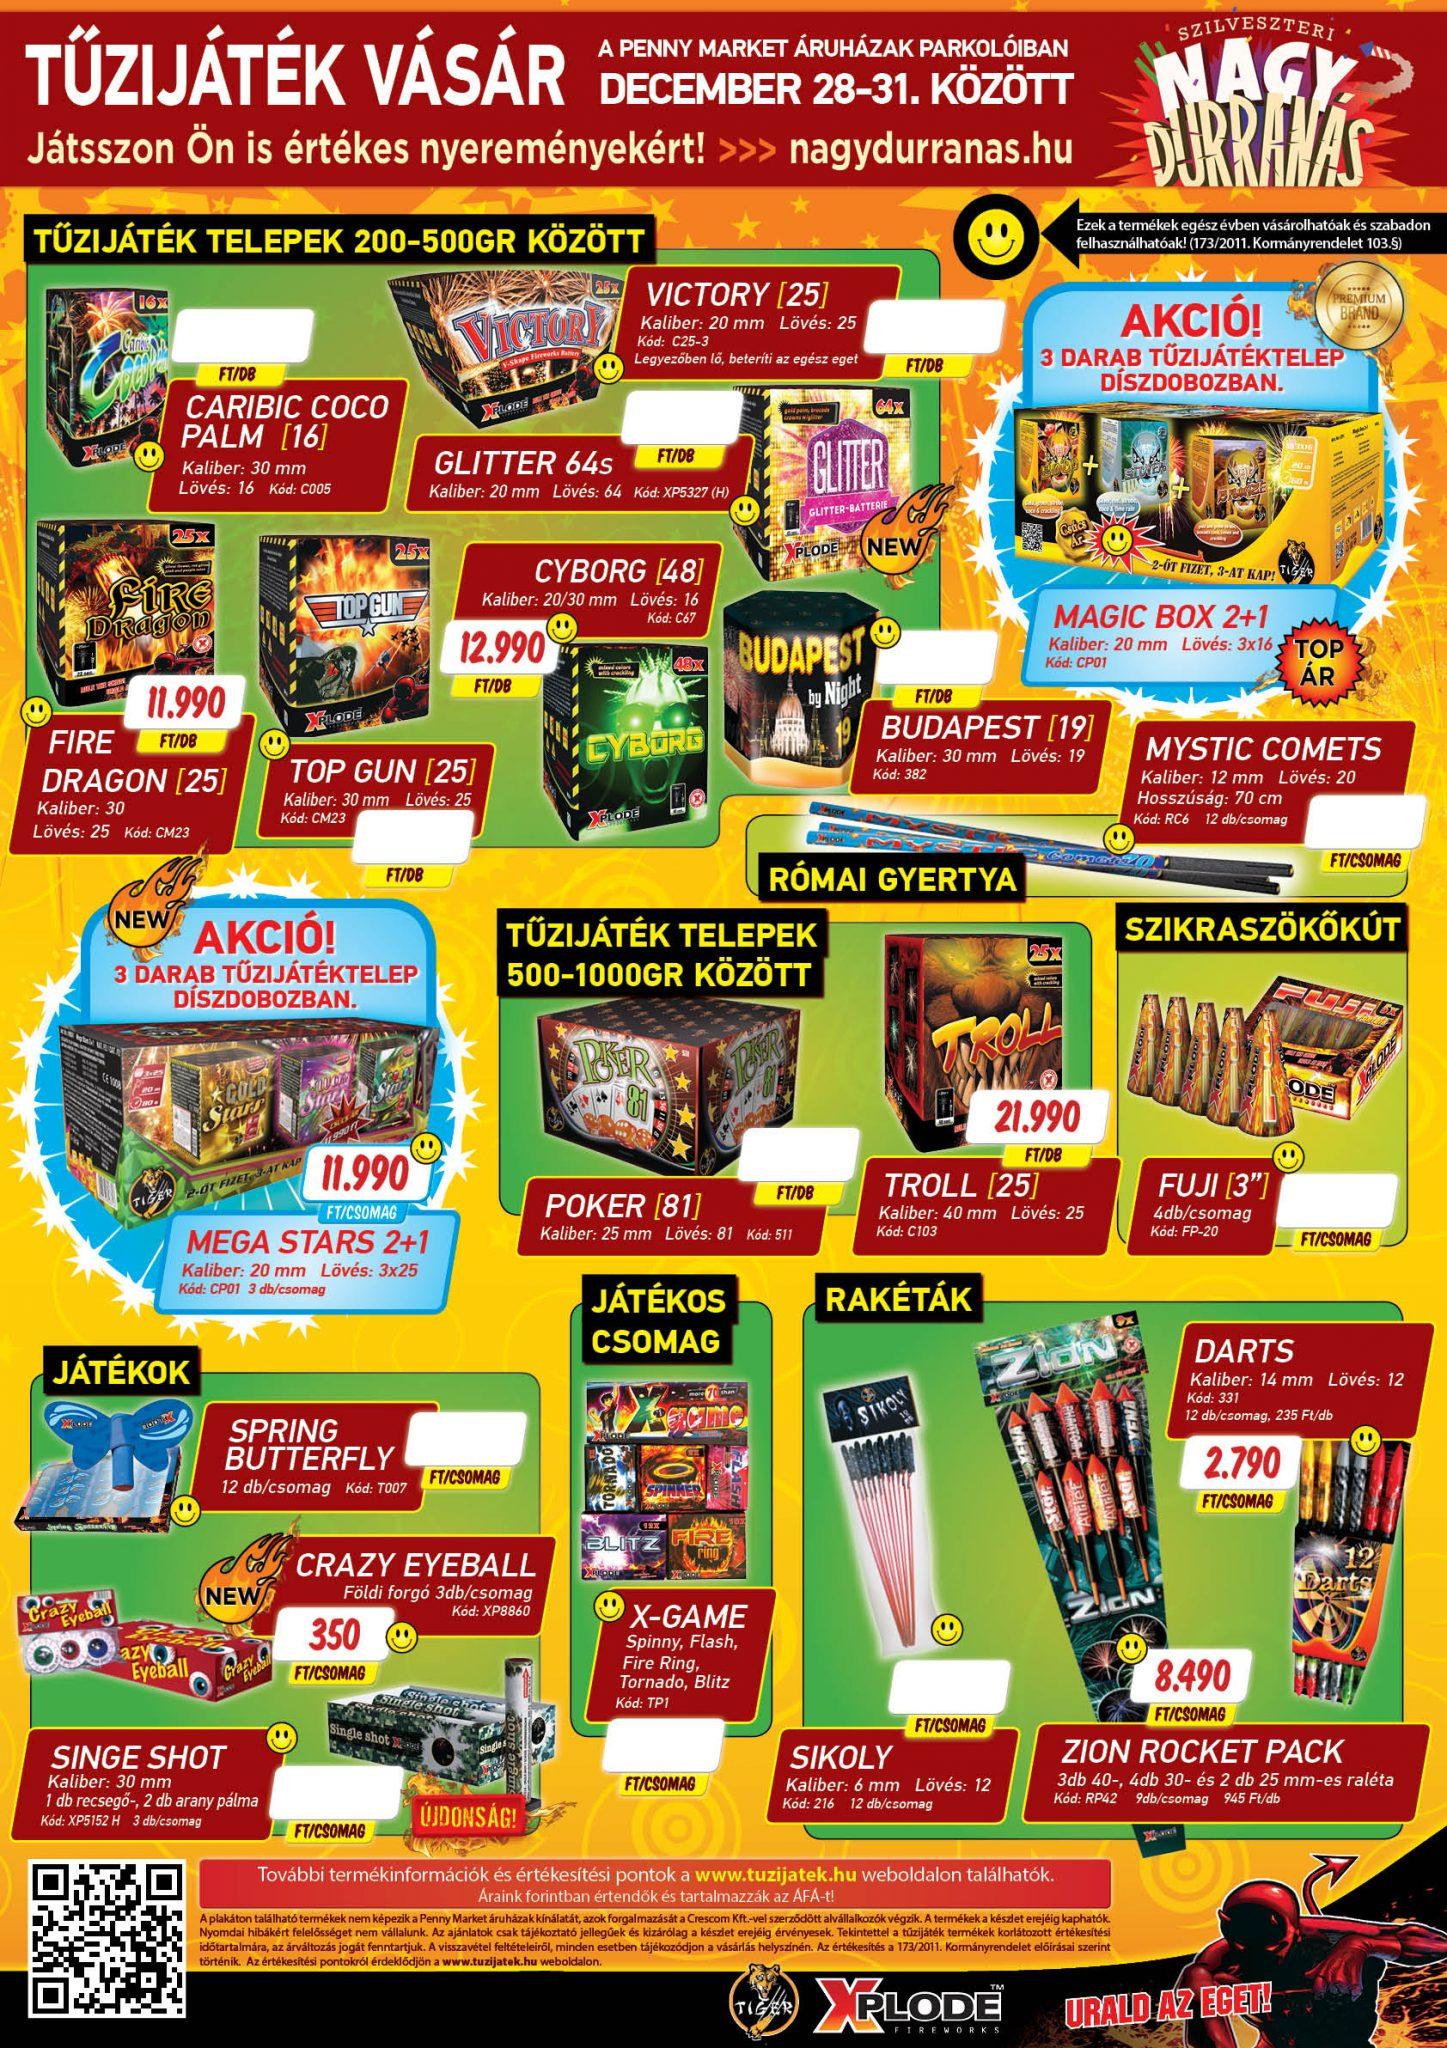 Crescom-Penny Market Tűzijátékvásár 2018 plakát